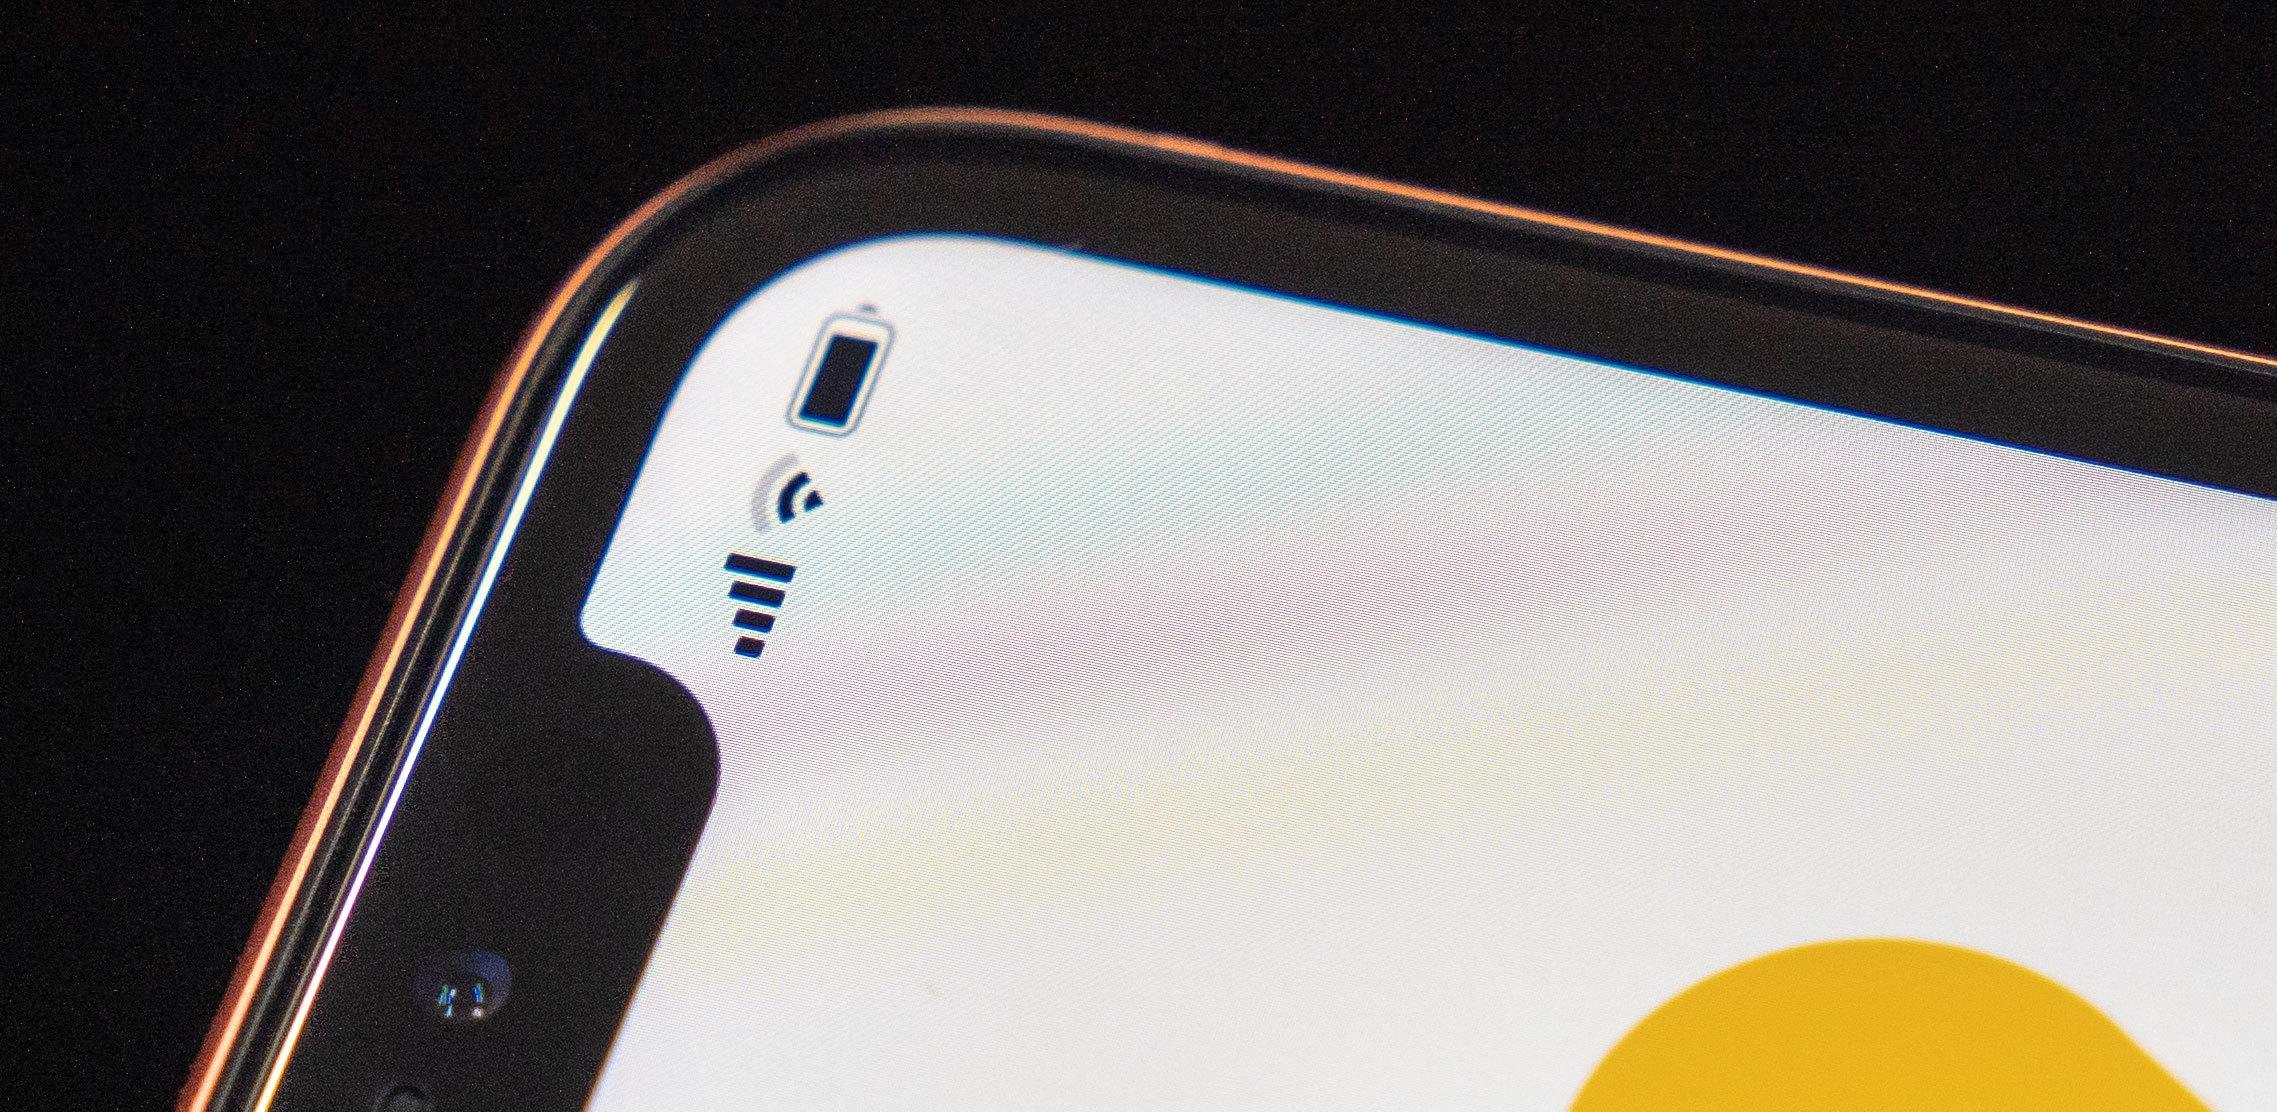 Til tross for at det er en LCD-skjerm har Apple klart å gjøre så det ser ut som kantene er avrundede.